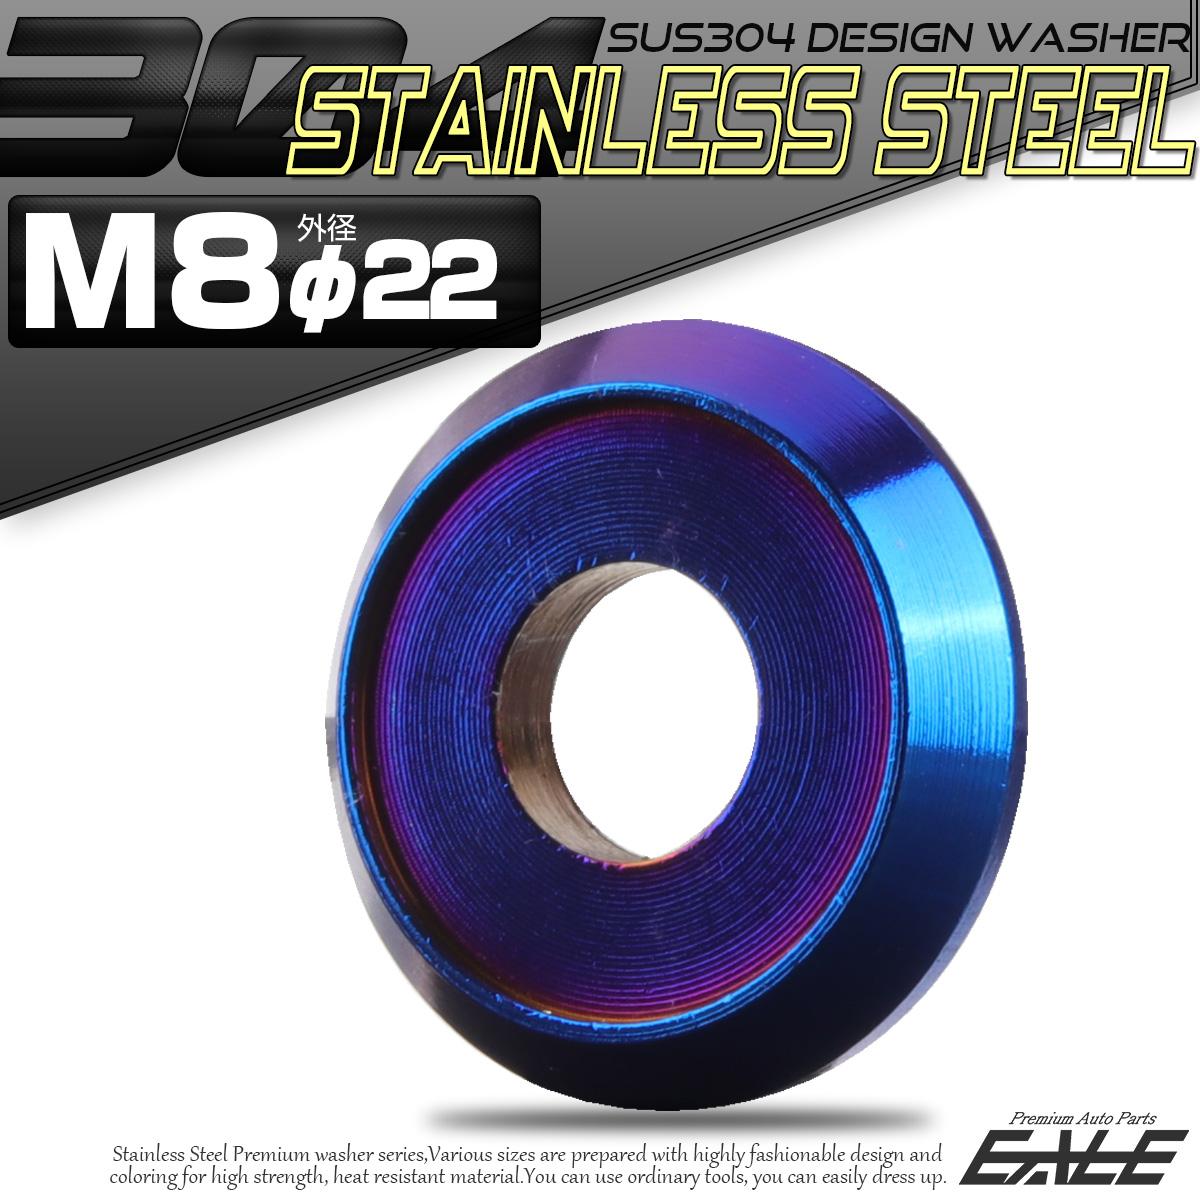 SUS304 M8 デザインワッシャー 外径22mm ボルト座面枠付 フジツボ型 ステンレス製 焼きチタン TF0022